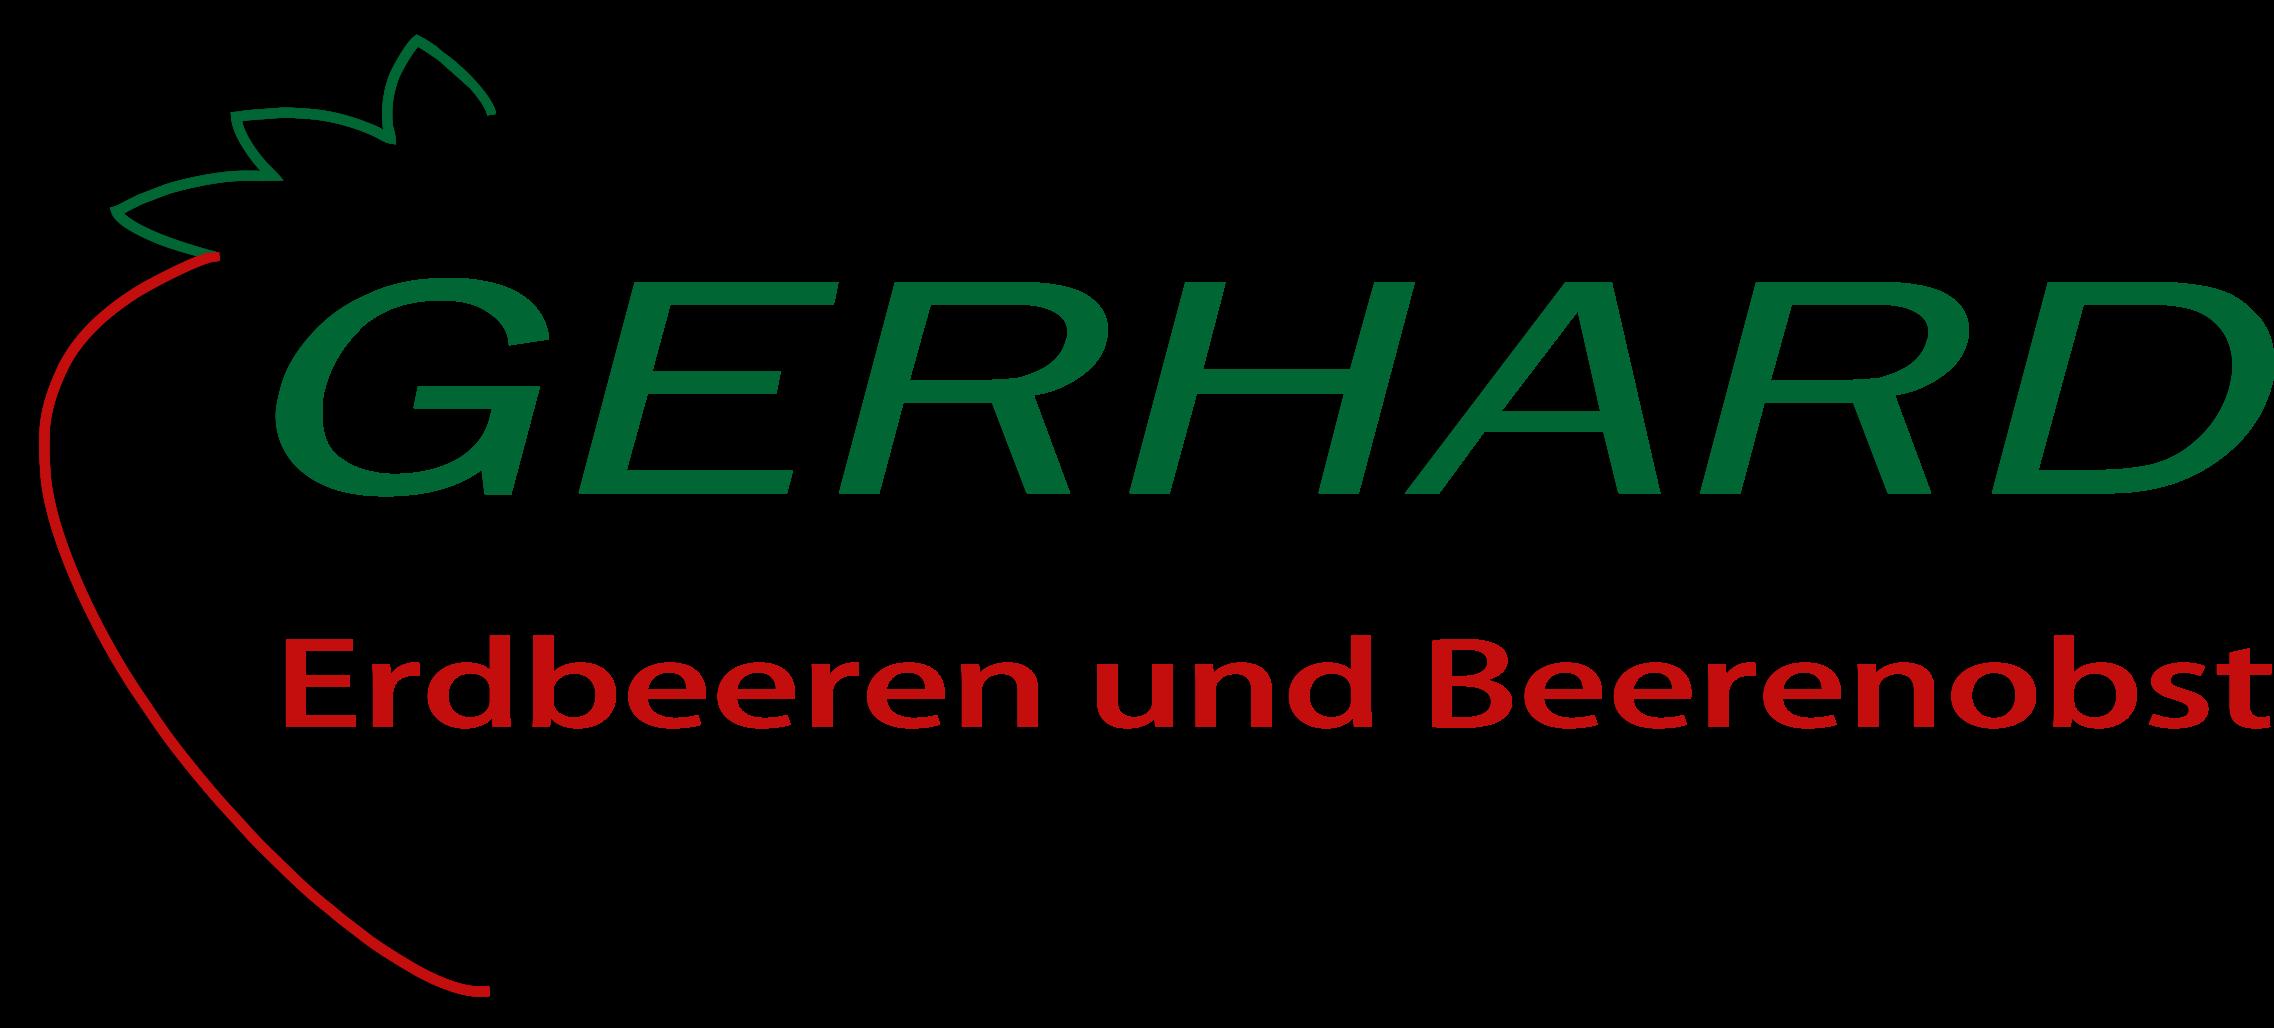 Beerenhof Gerhard